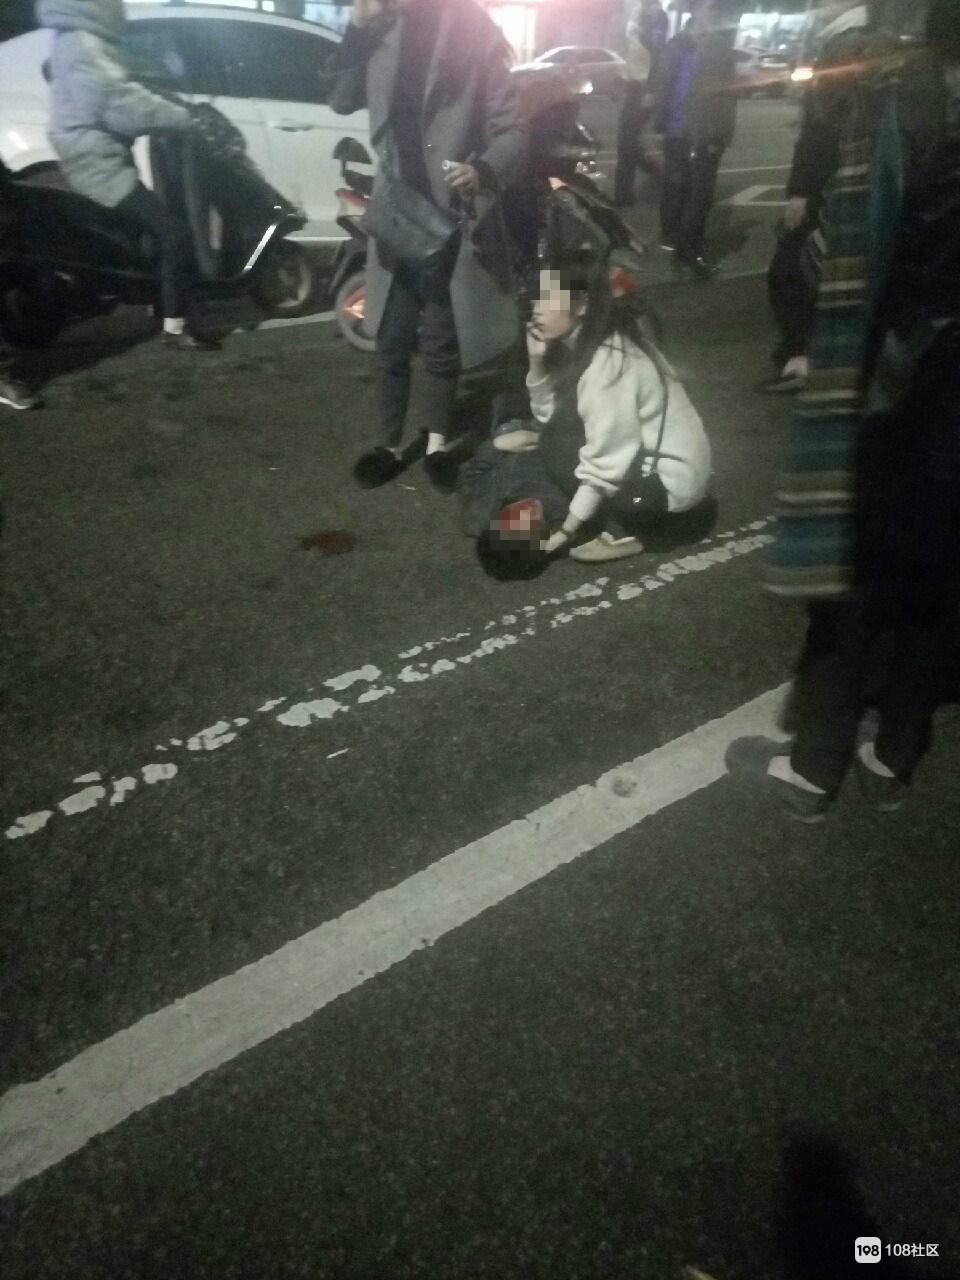 百官刚刚发生车祸!一男子脸上磕出大坑,还有一女子满地打滚